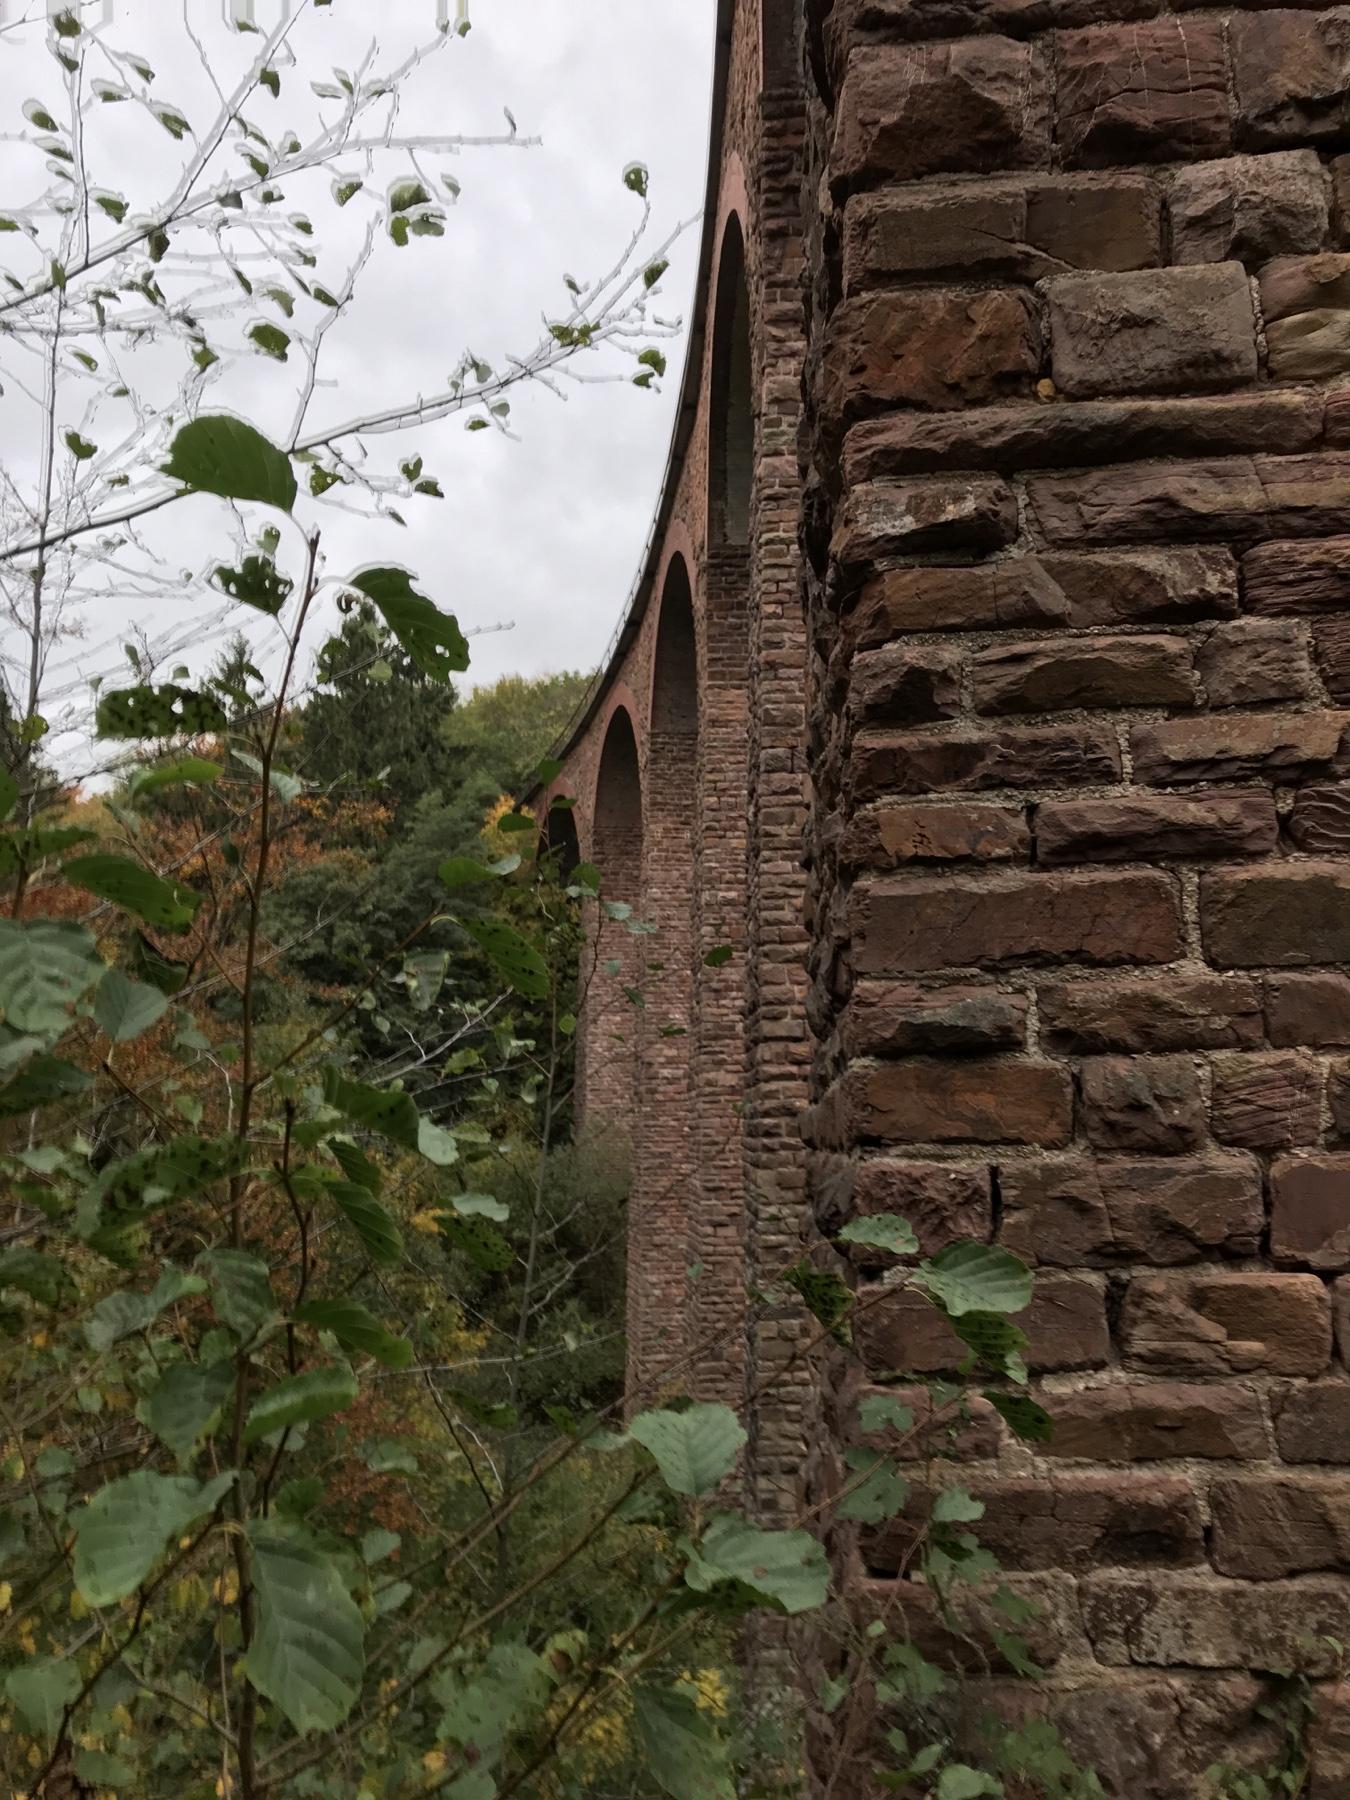 Viadukt der höchsten eingeschossigen Eisenbahnbrücke Deutschlands auf Etappe 10 des Saar-Hunsrück-Steigs